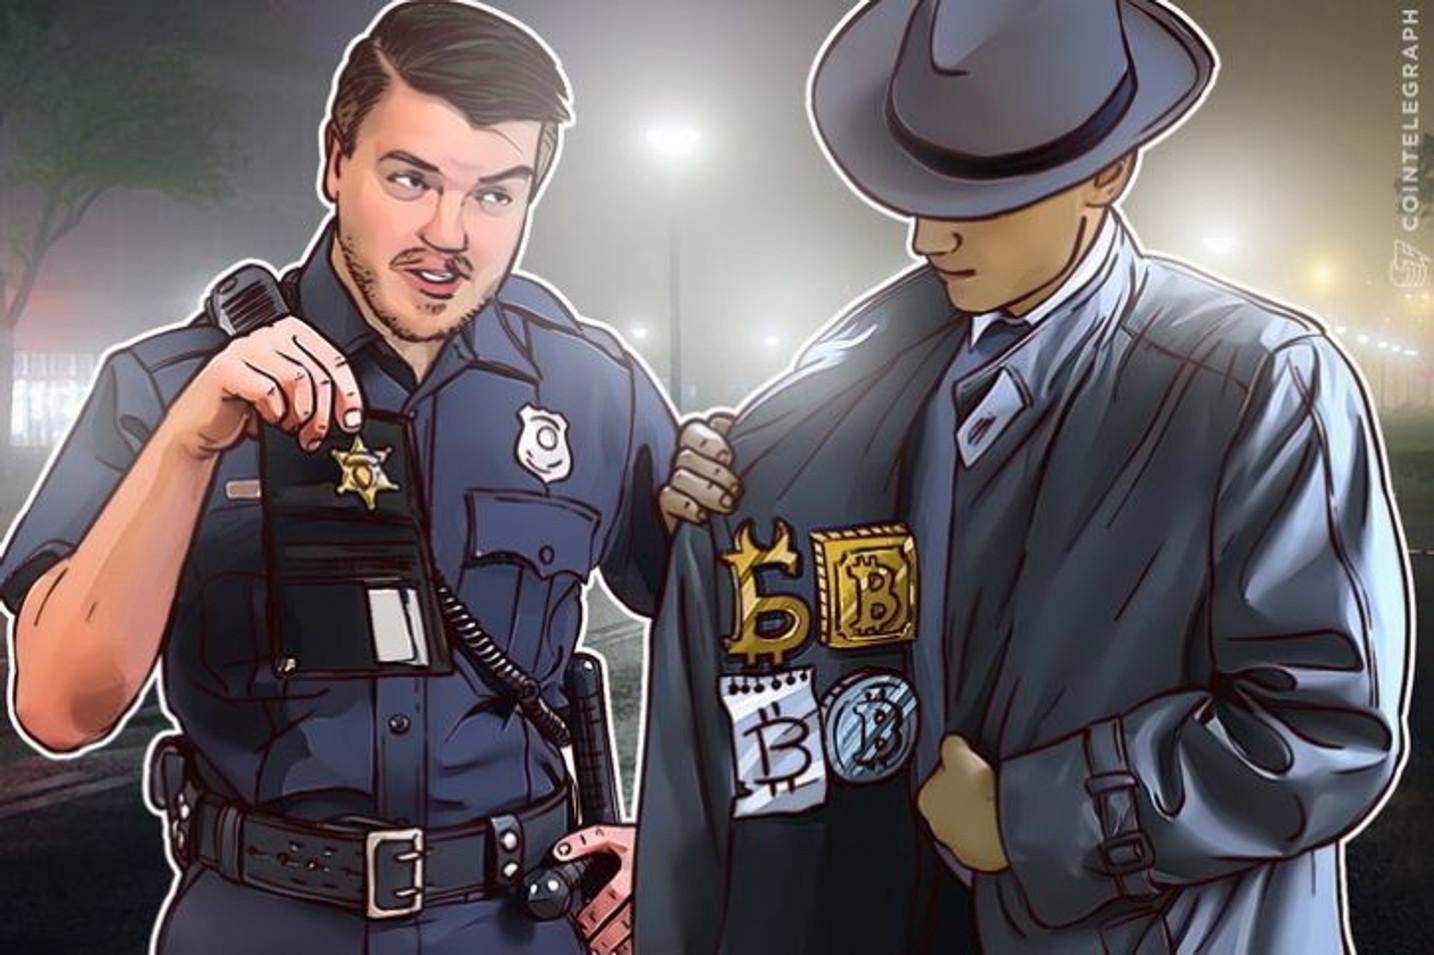 La Policía Belga Detiene a Dos Operadores de Casa de Bitcoin sin Licencia